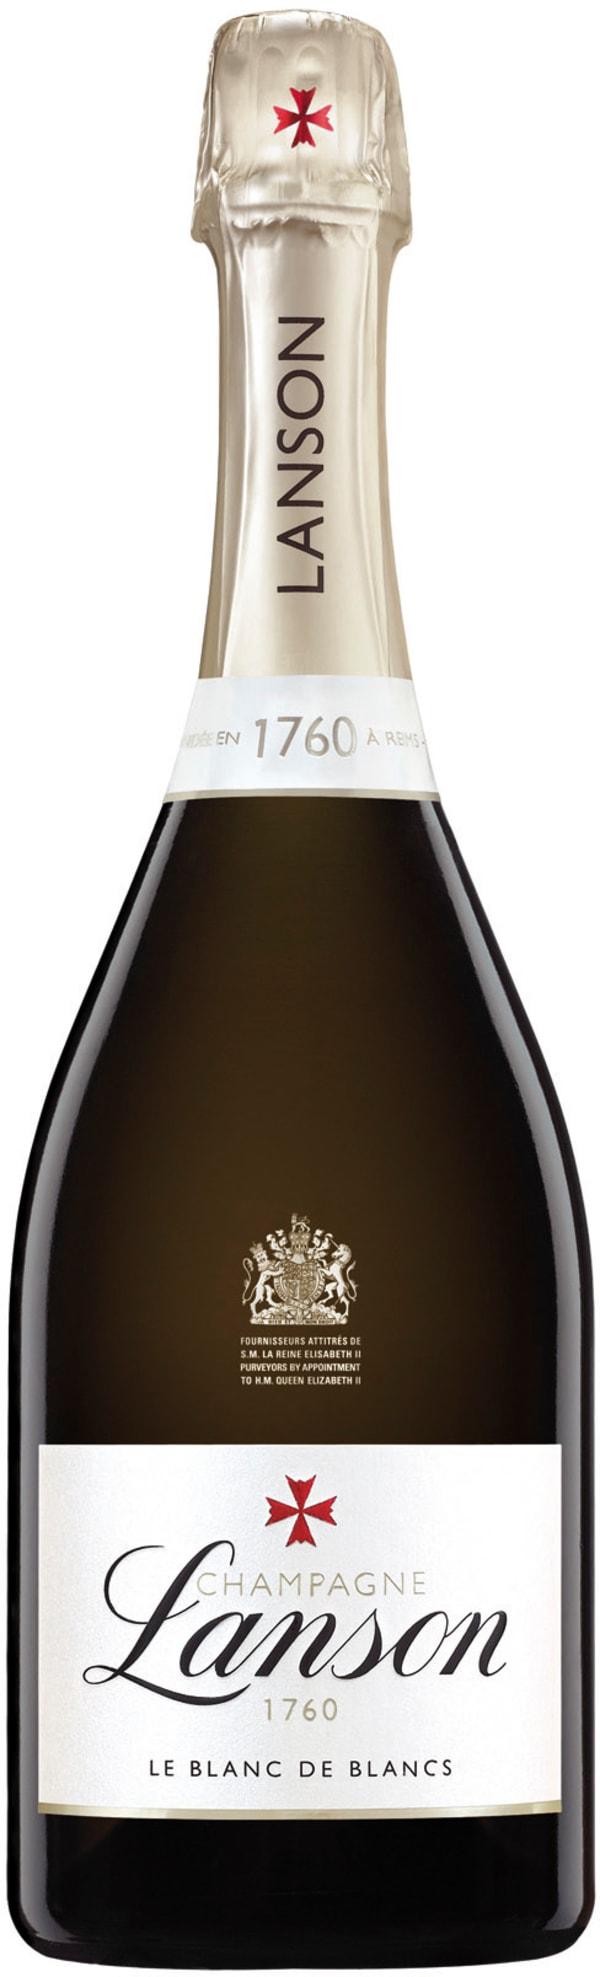 Lanson Le Blanc de Blancs Champagne Brut